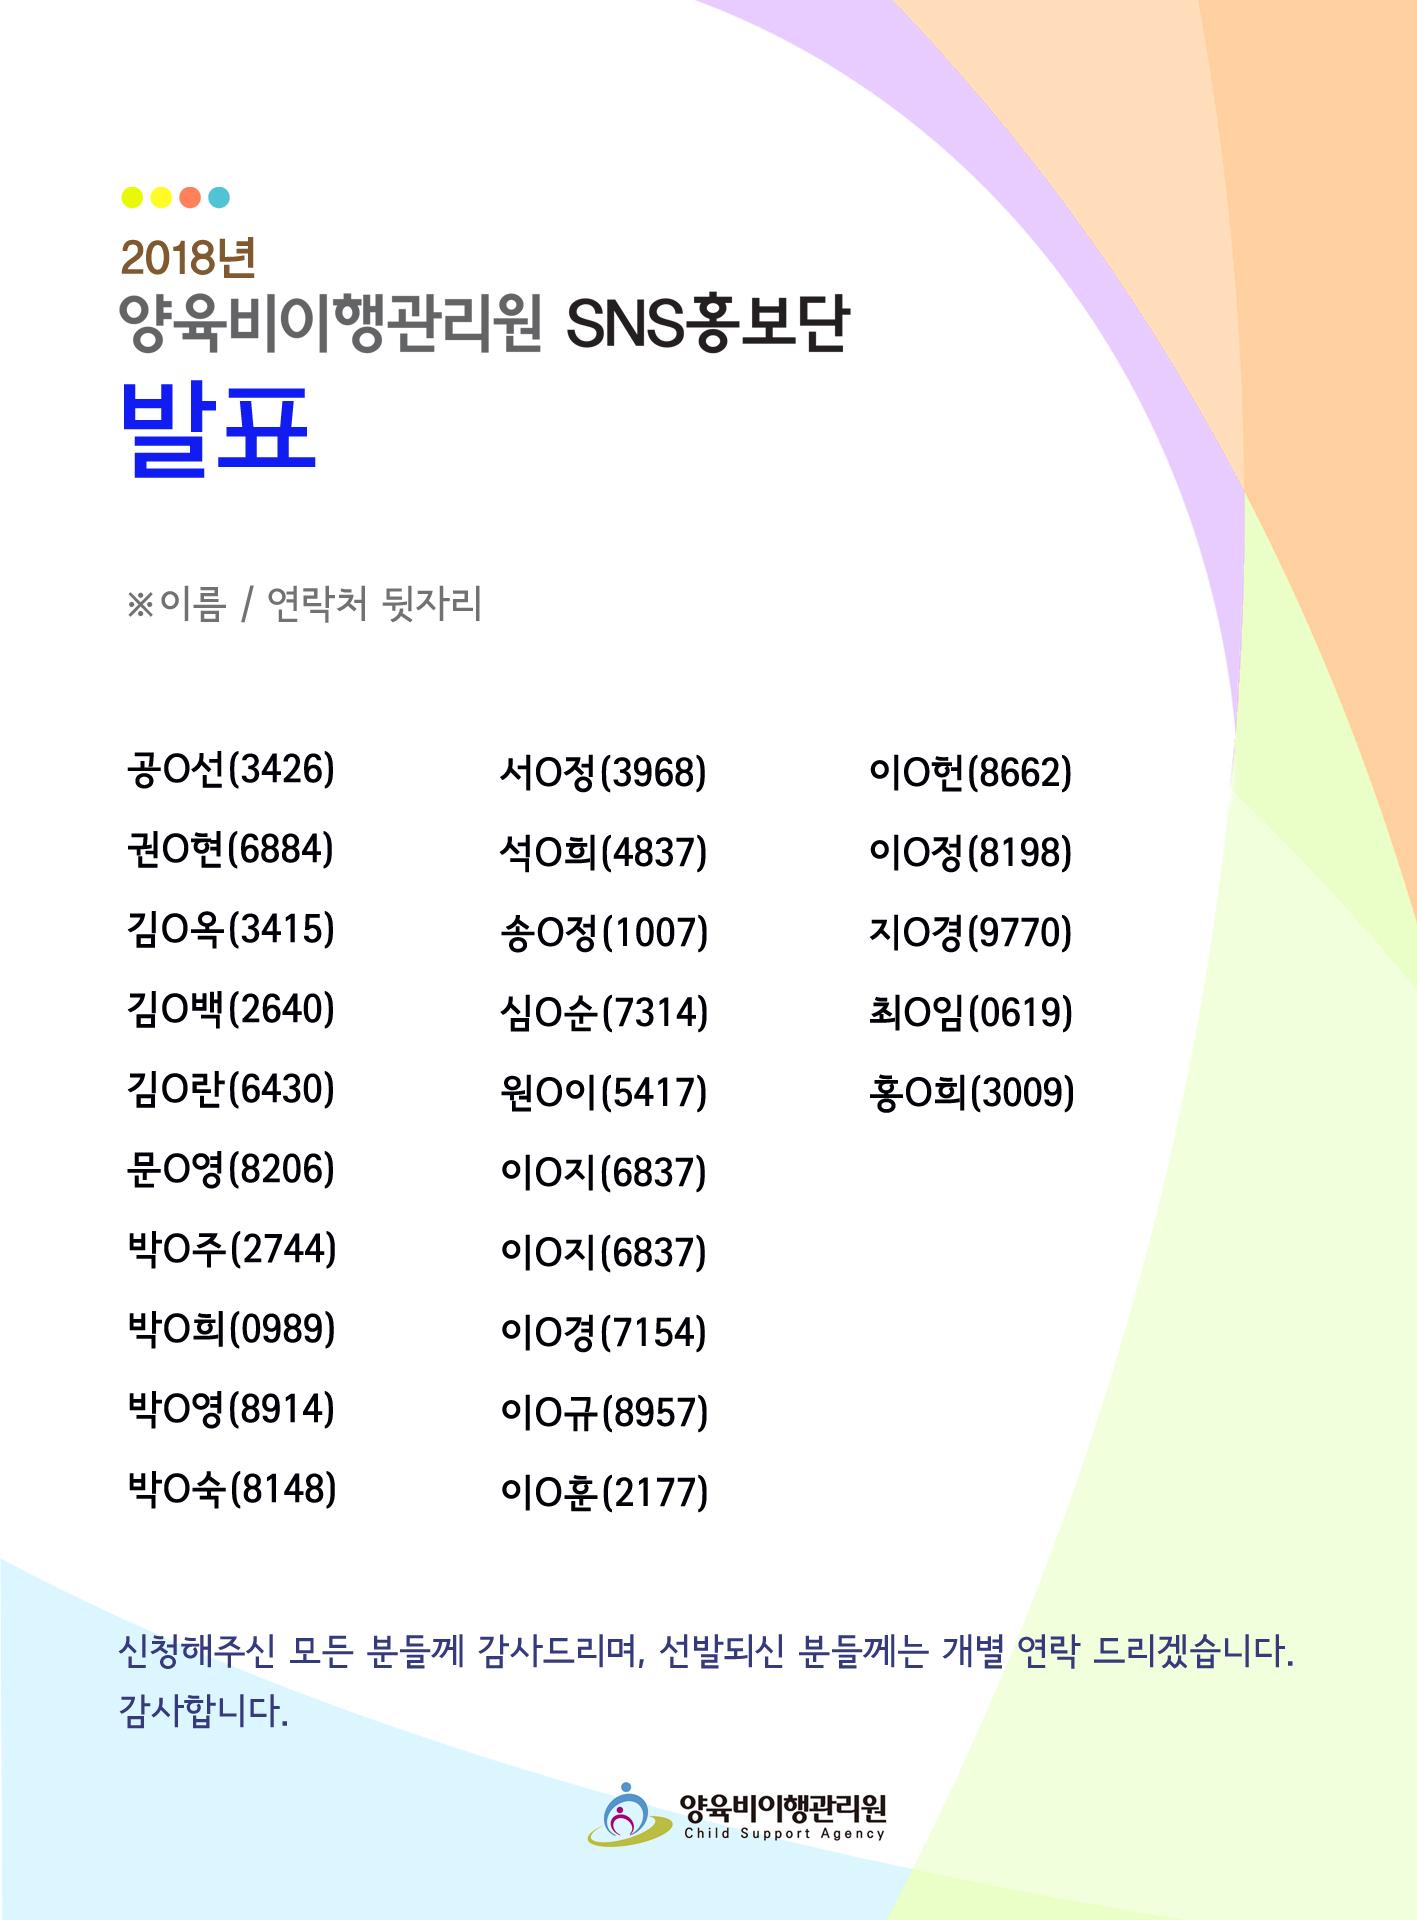 2018양육비이행관리원 SNS홍보단 발표